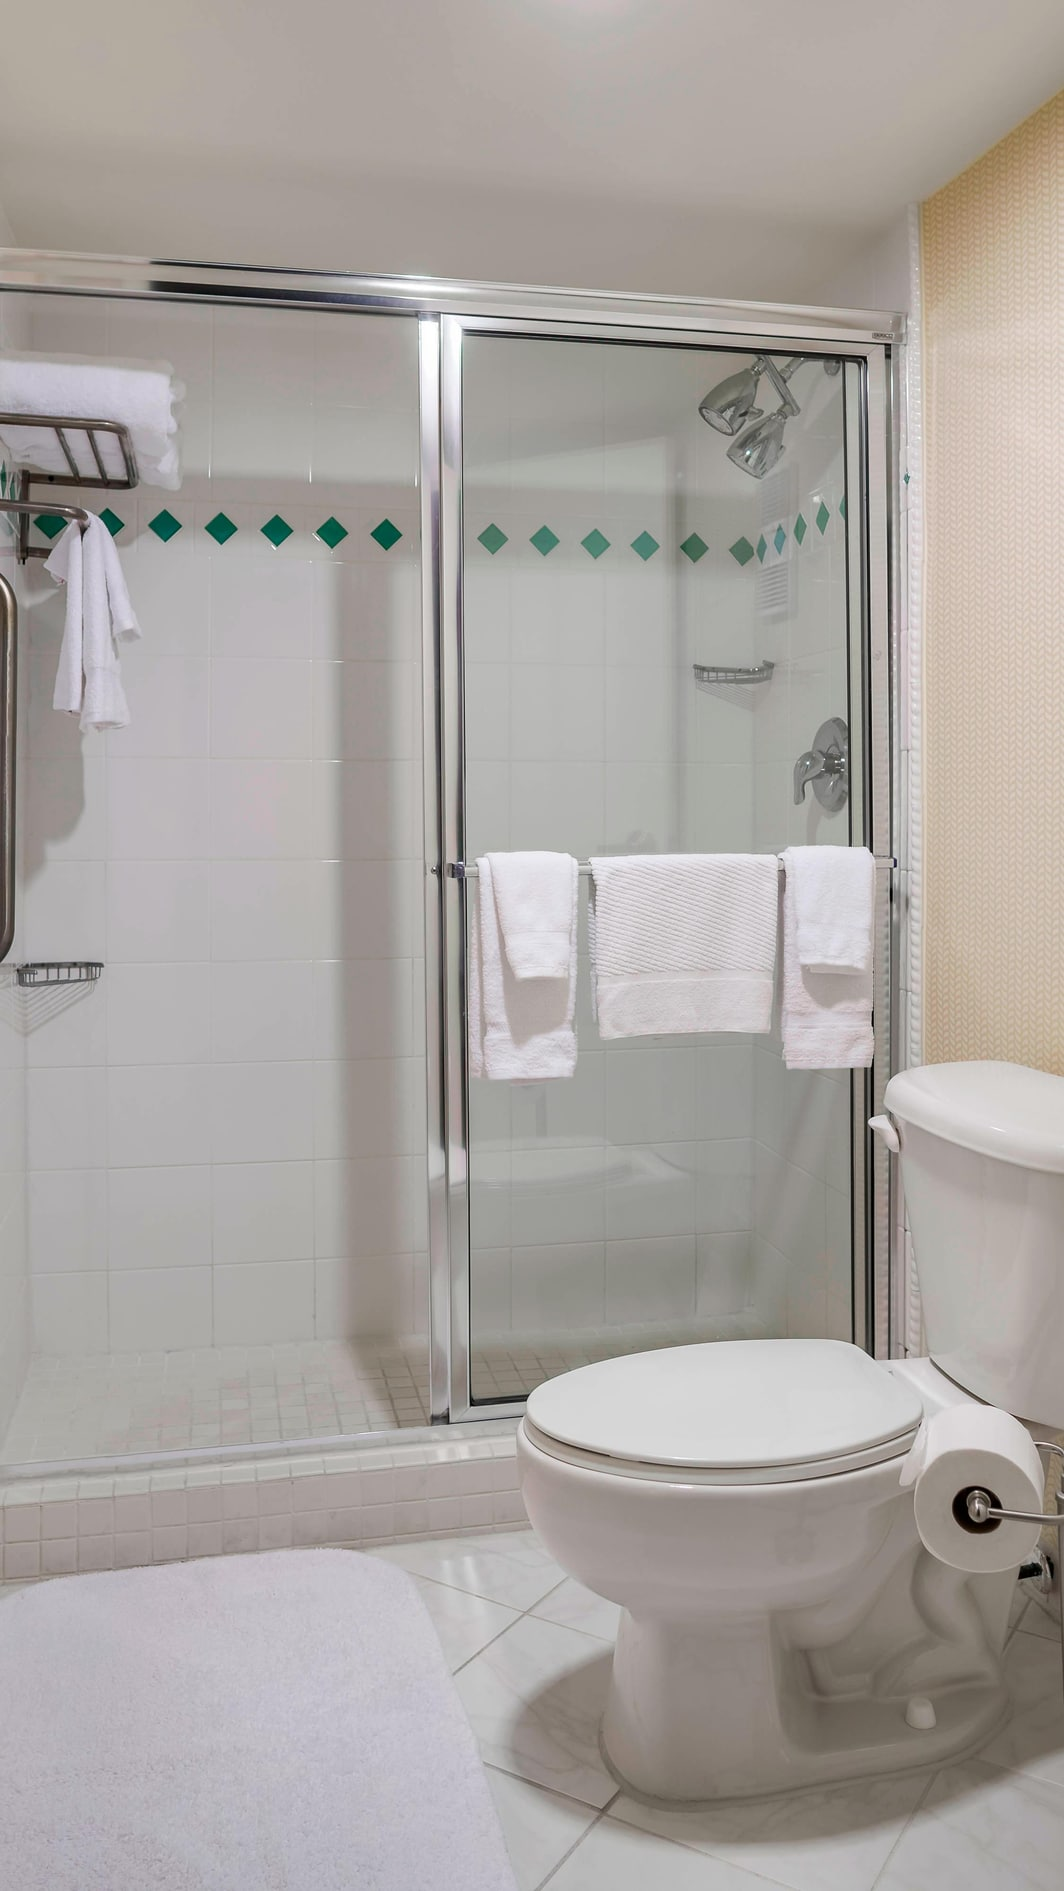 Salle de bains de l'hôtel de luxe de Charleston